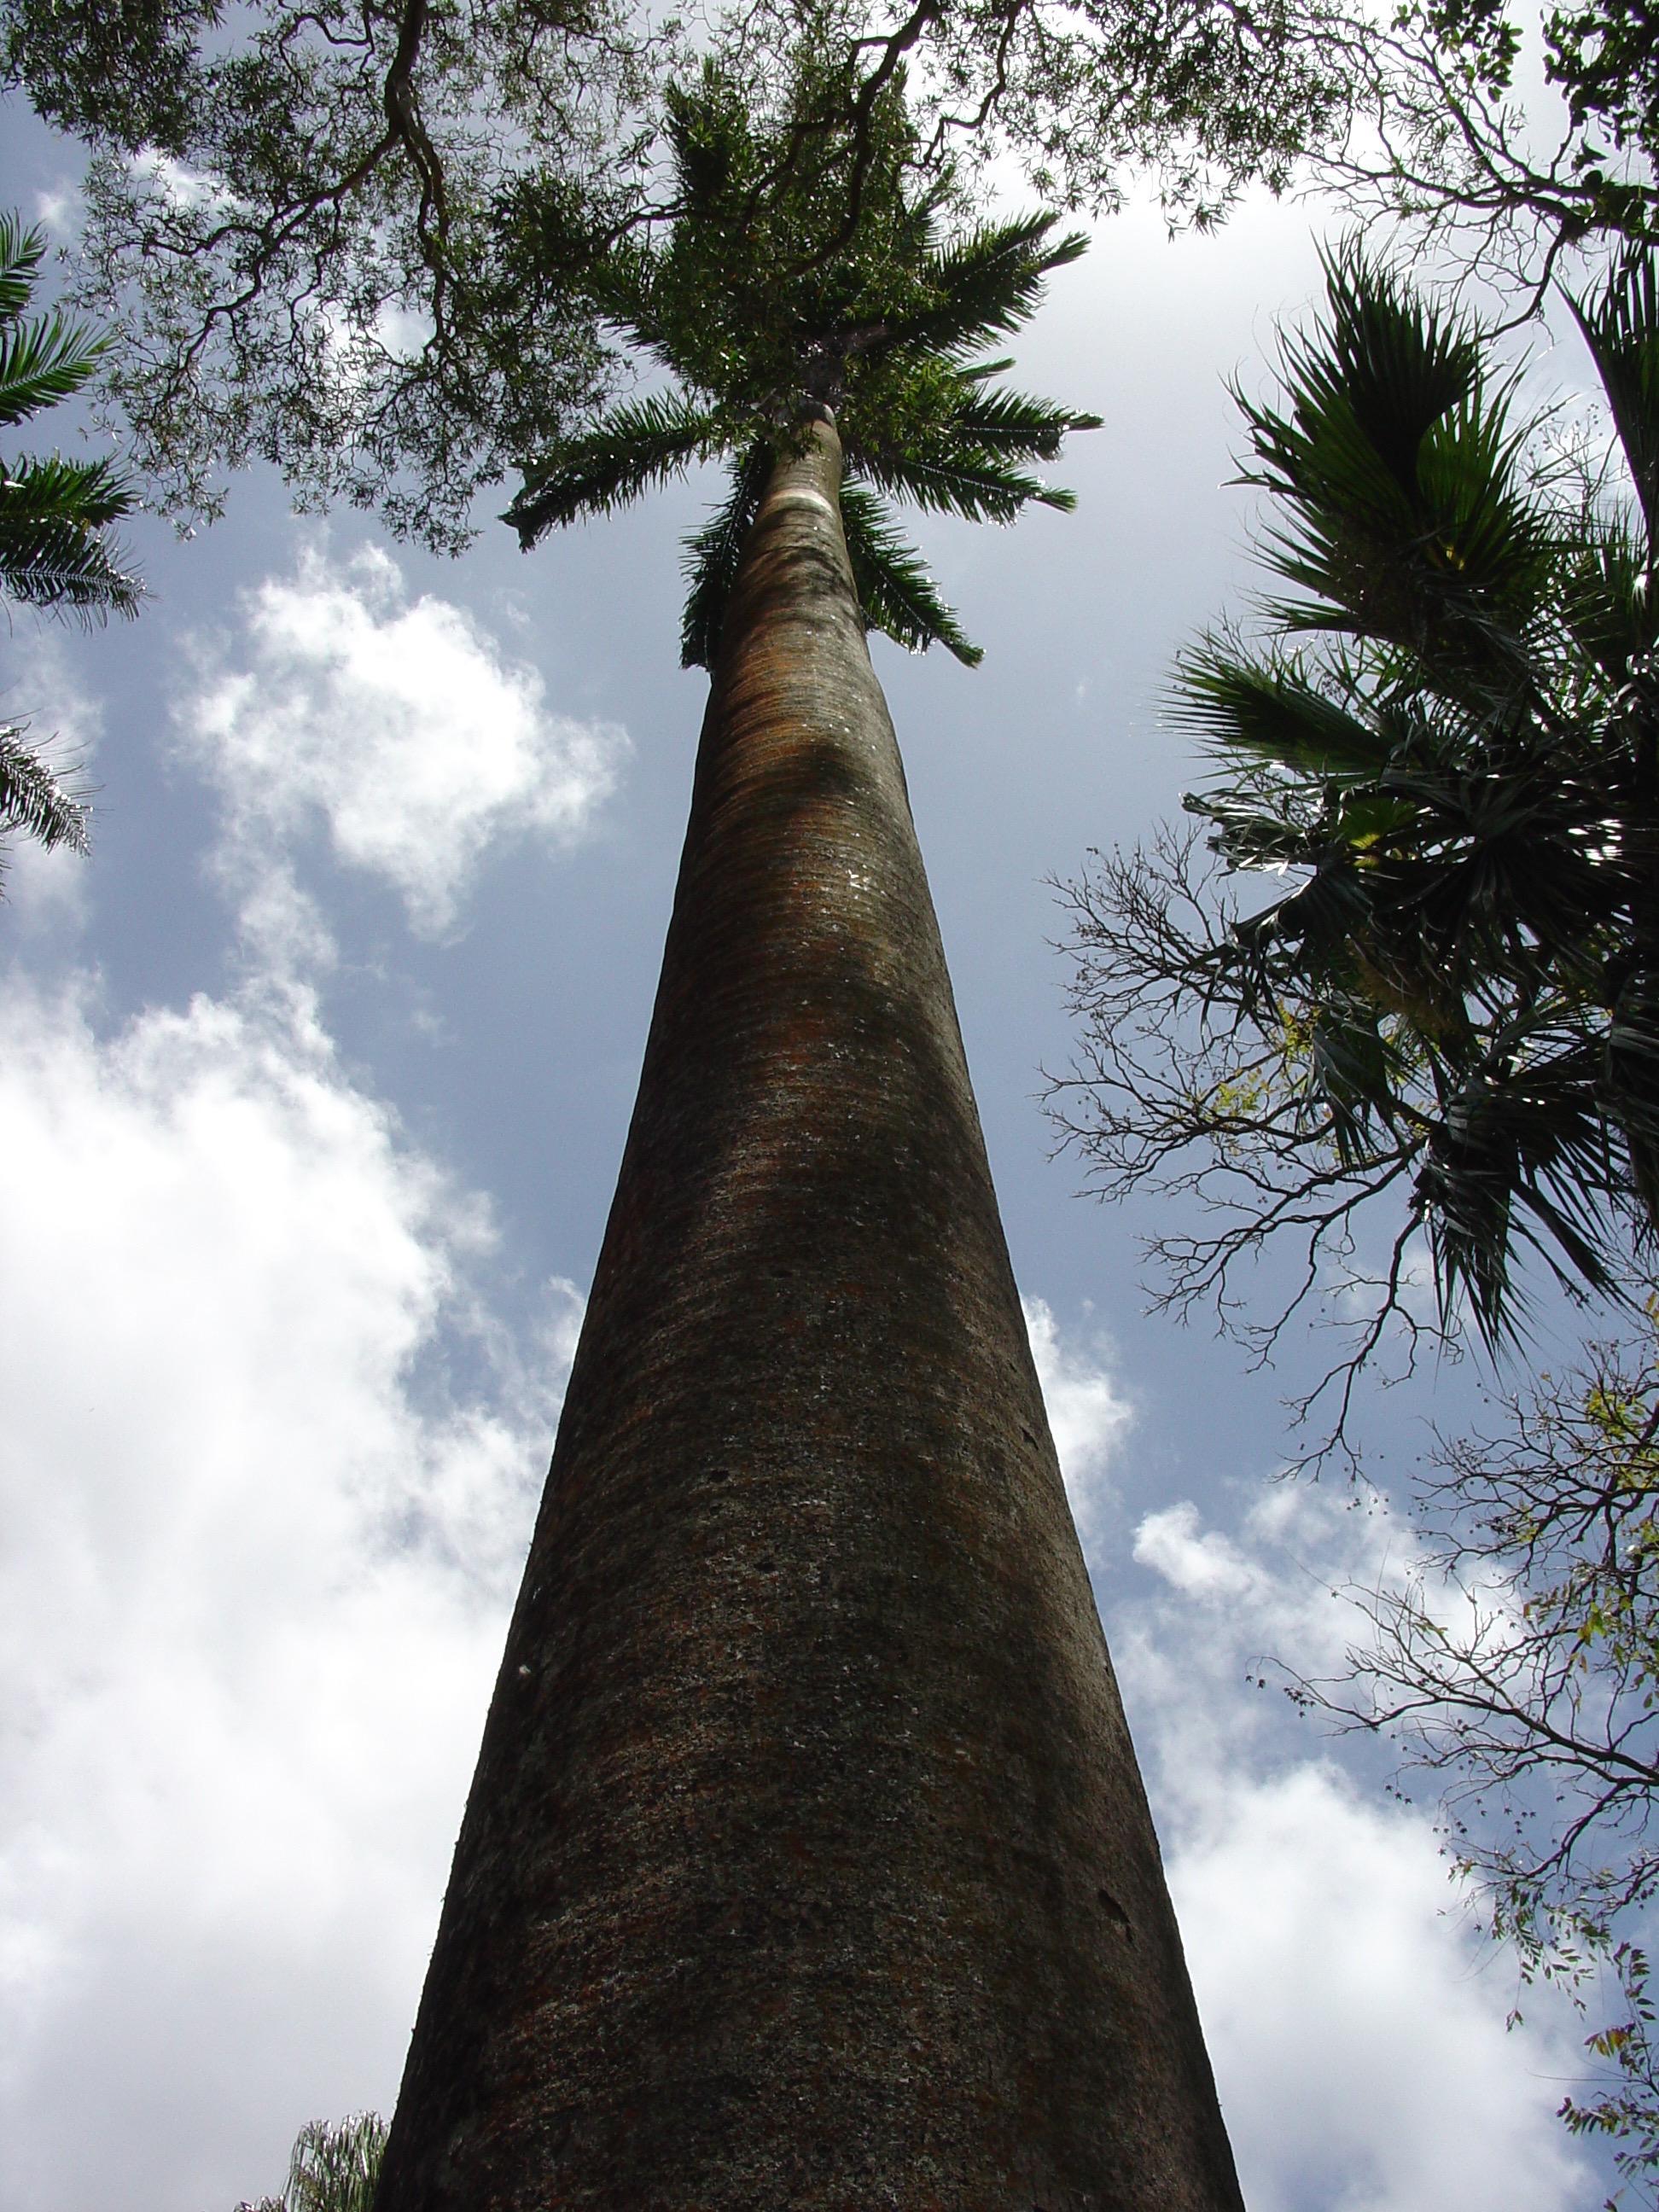 By Garth Woodruff - St. Vincent - First Botanical Garden in the Western Hemisphere.